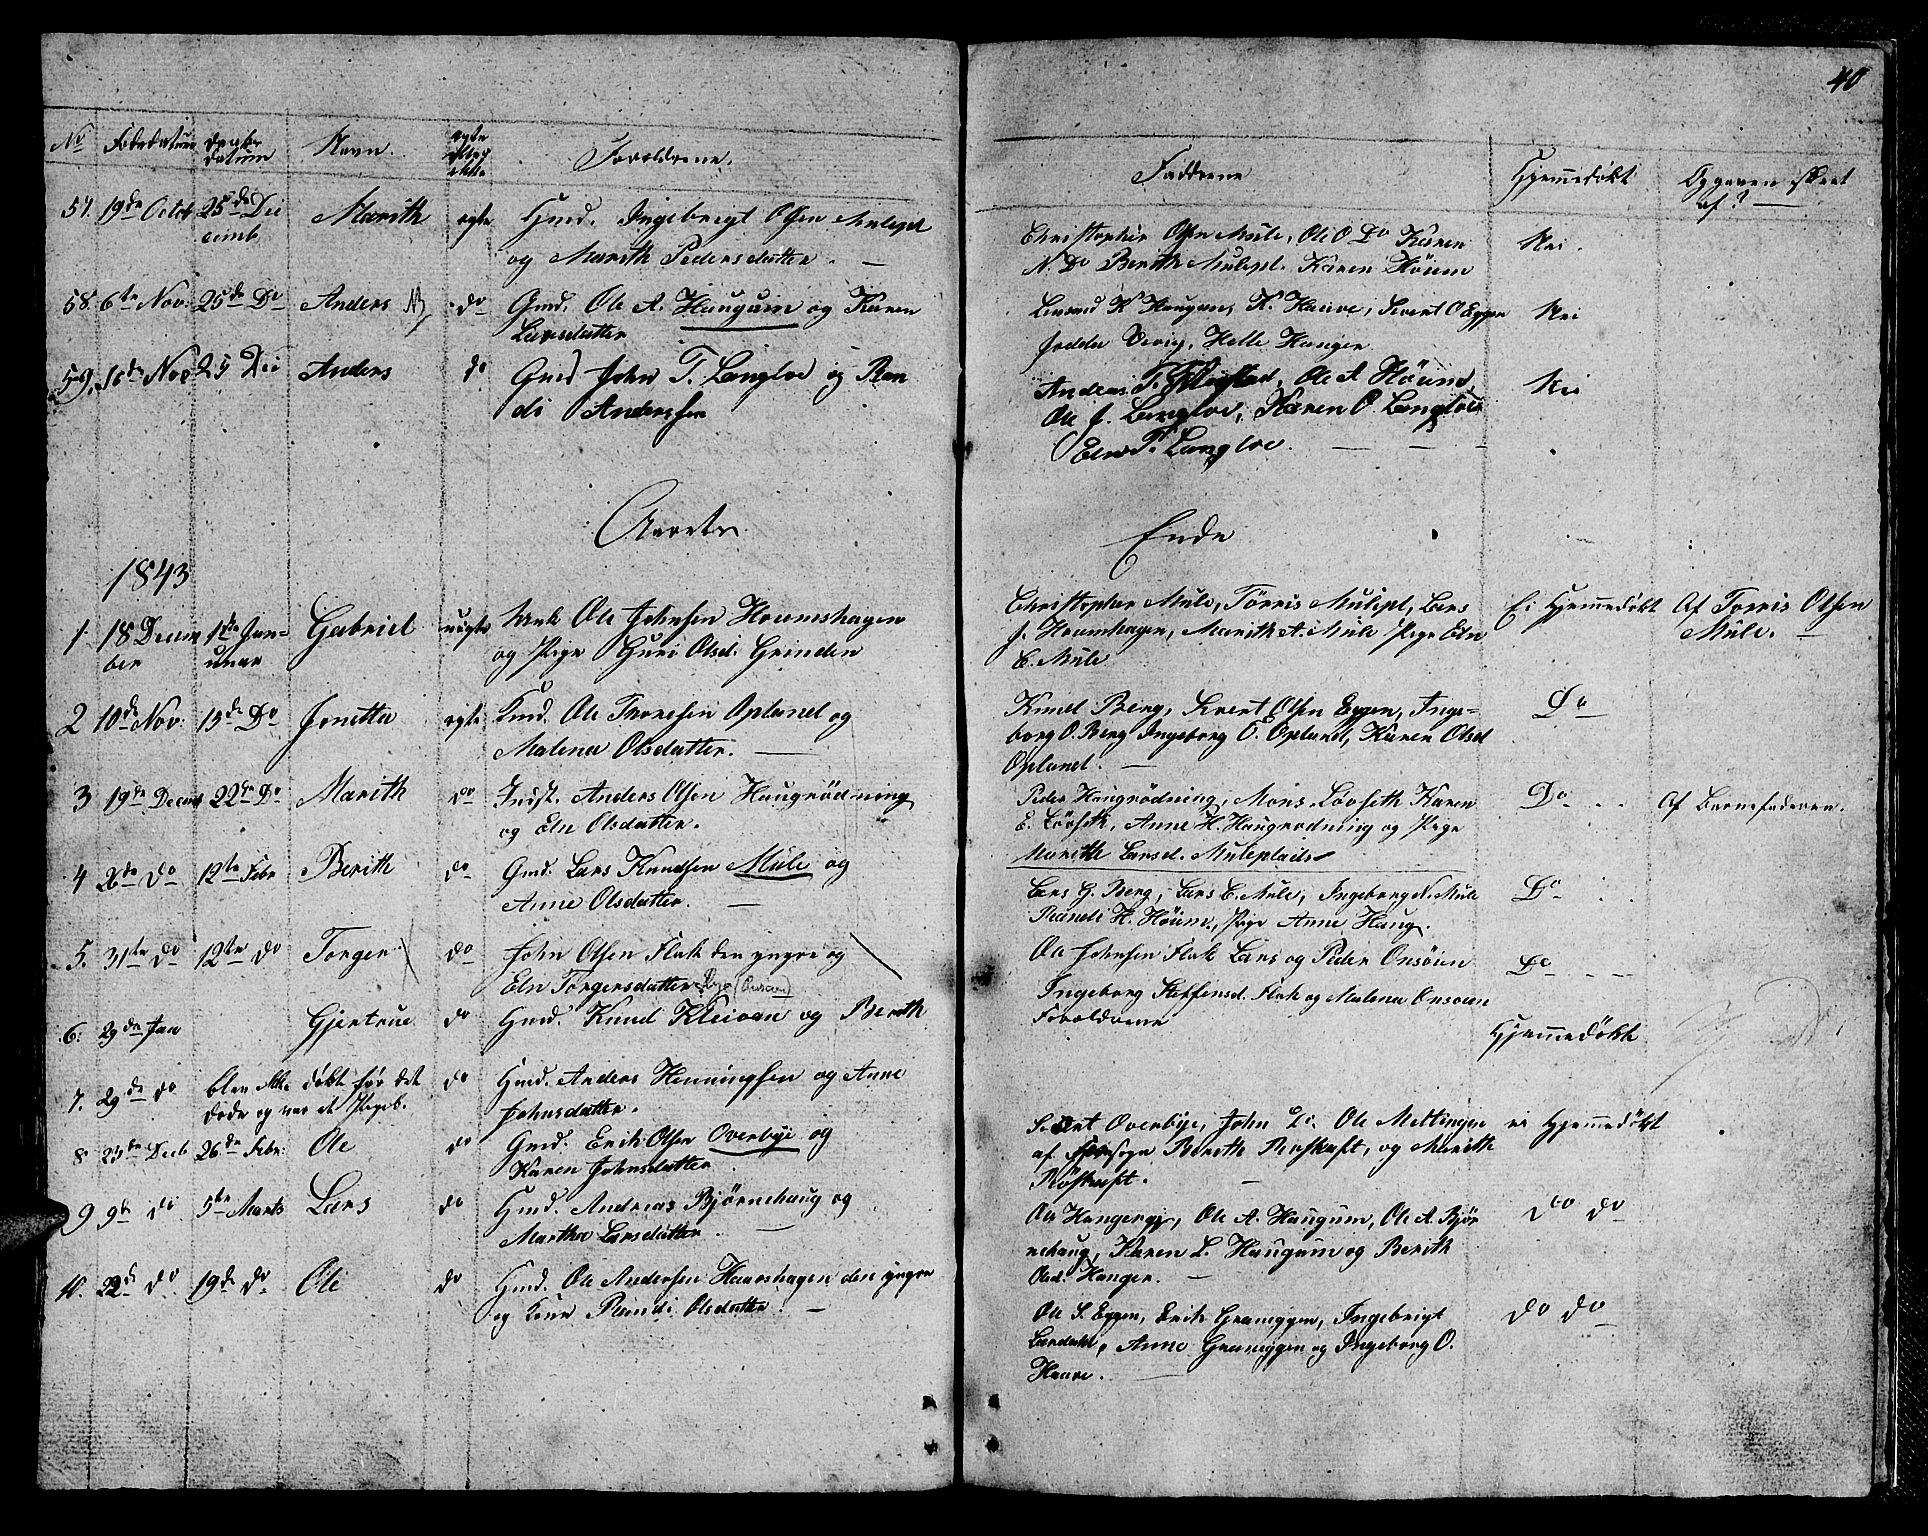 SAT, Ministerialprotokoller, klokkerbøker og fødselsregistre - Sør-Trøndelag, 612/L0386: Klokkerbok nr. 612C02, 1834-1845, s. 40